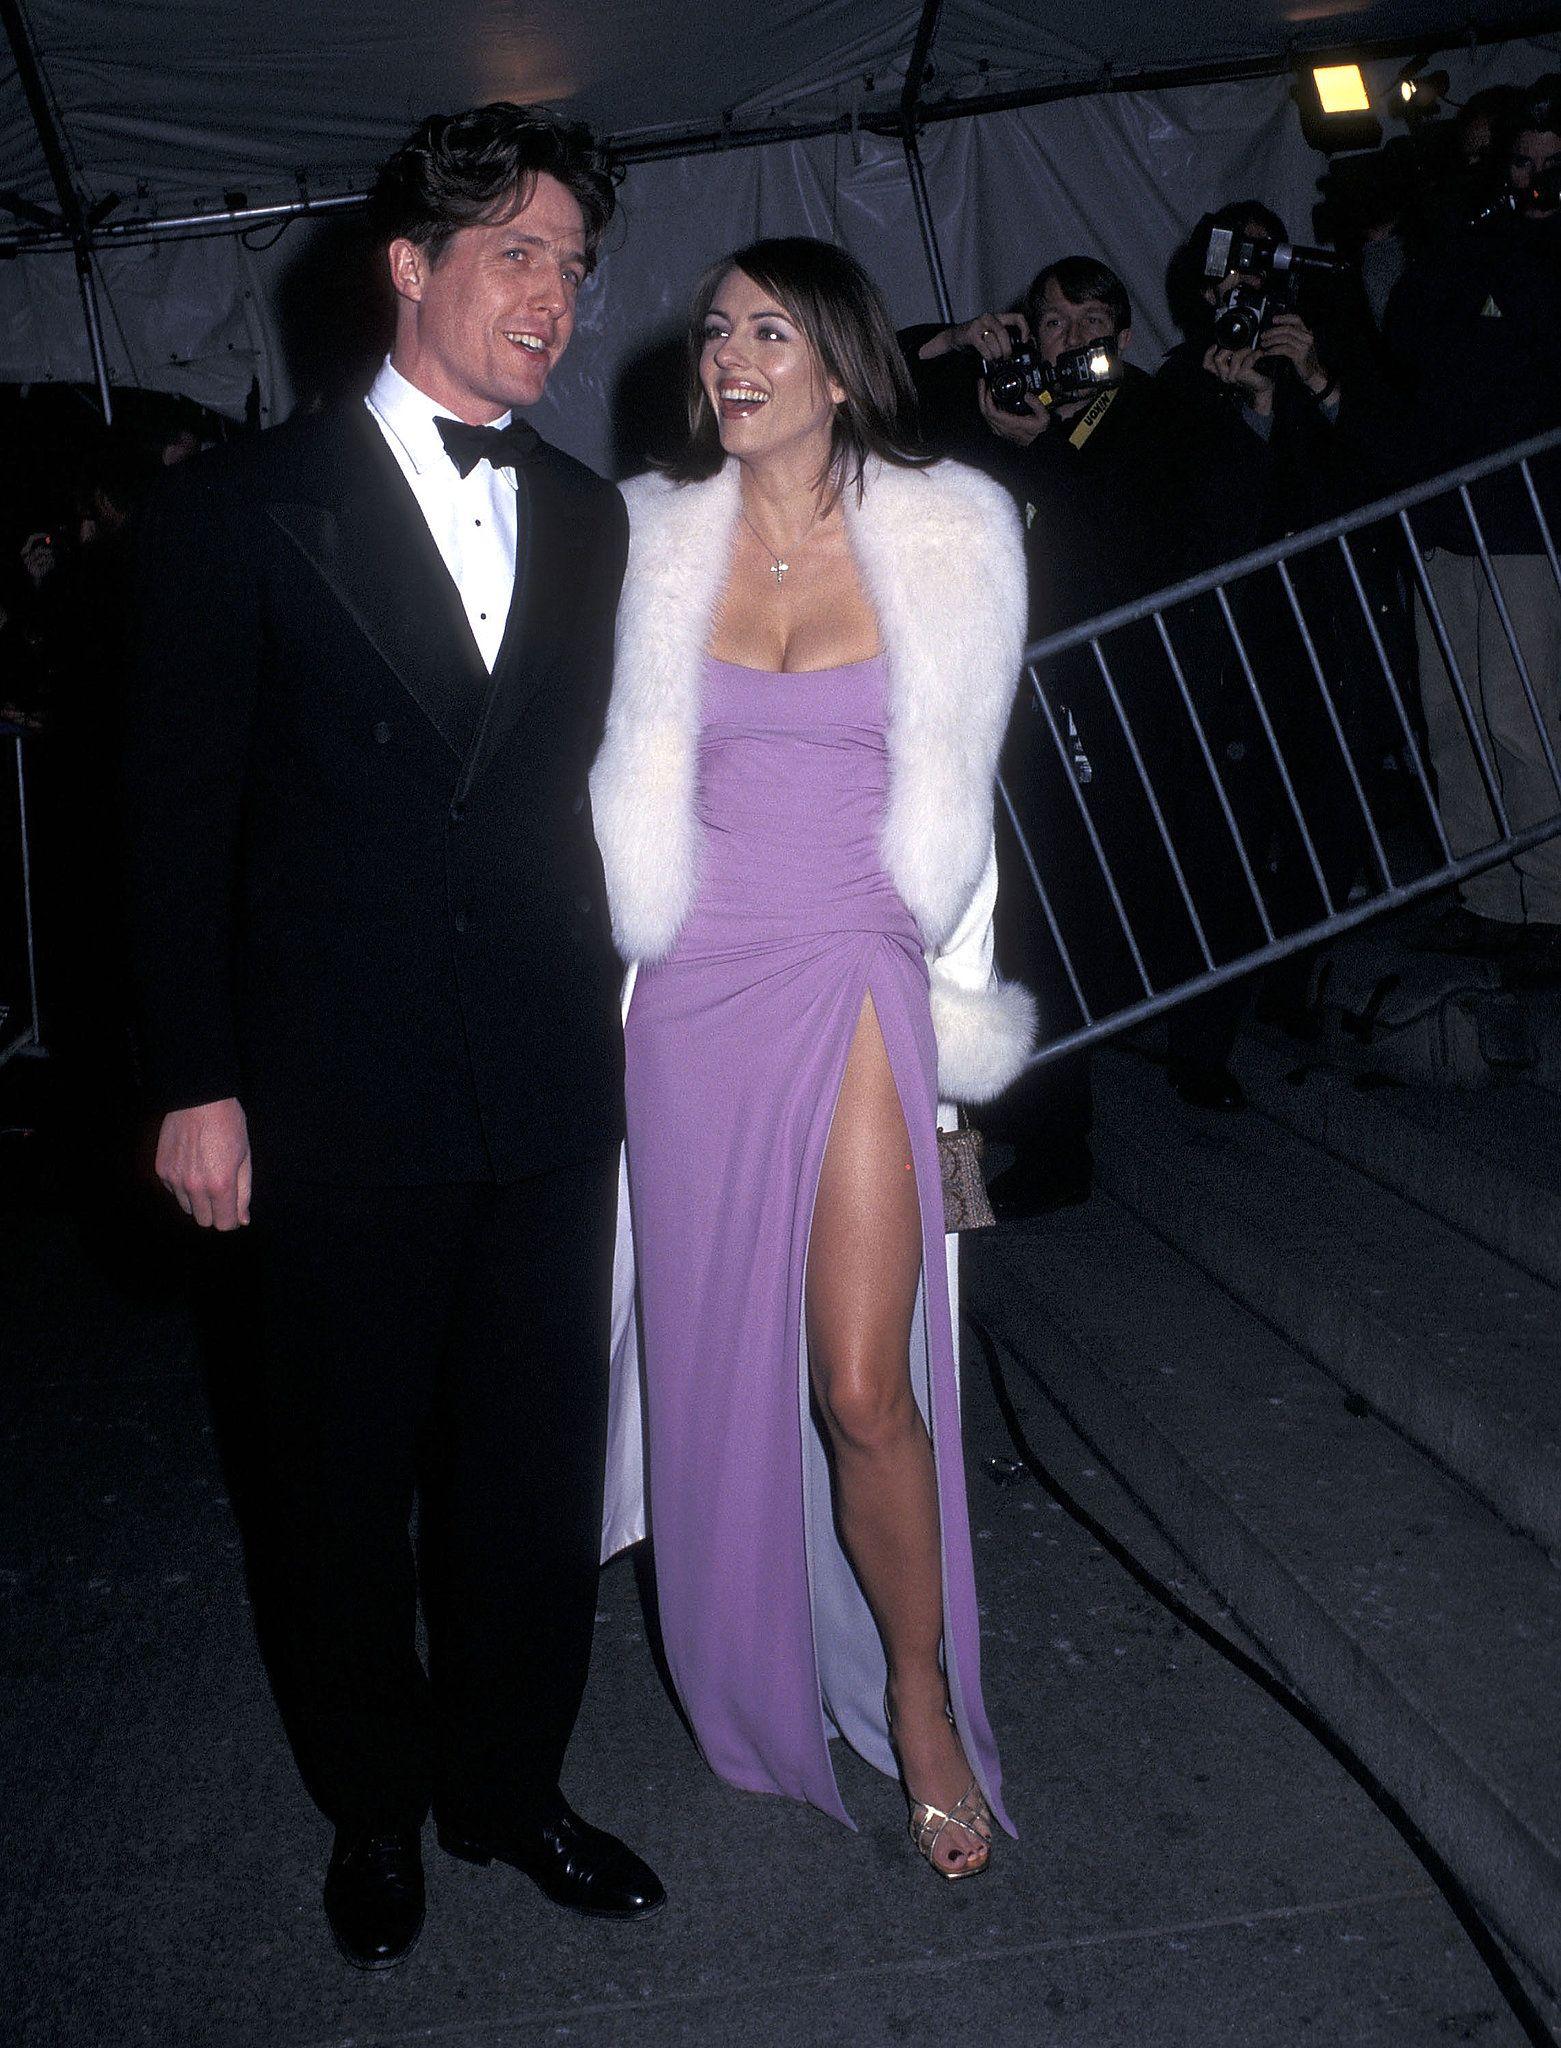 Hugh Grant And Elizabeth Hurley 1997 90s Prom Dresses Elizabeth Hurley Met Gala